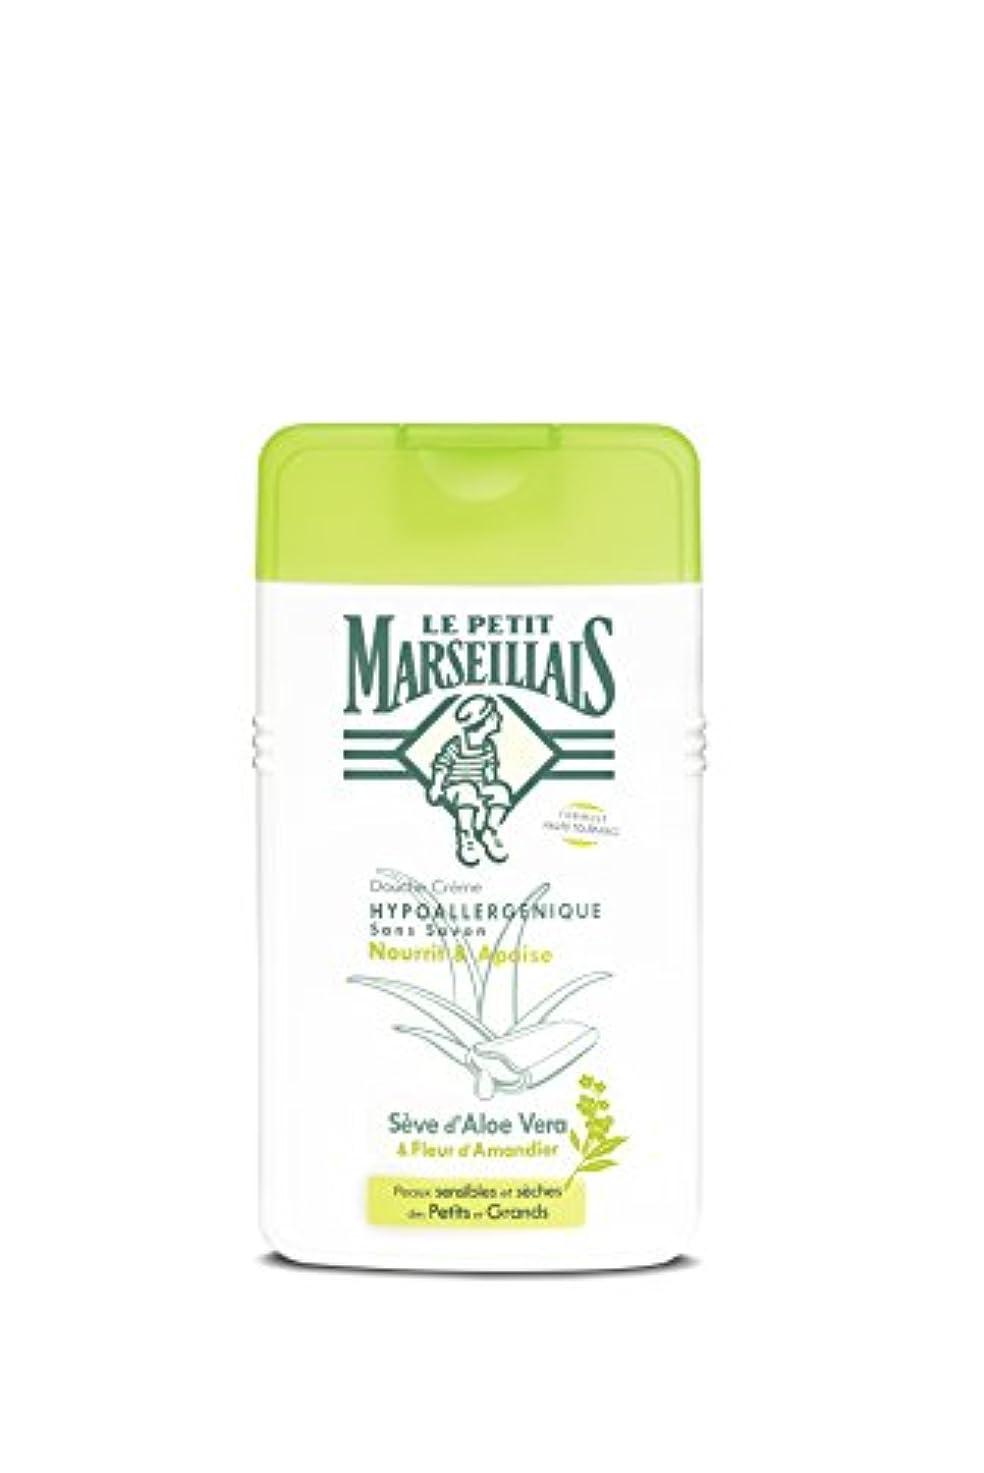 「アロエベラ」と「アーモンドの花」石鹸不使用 低刺激 敏感肌用 中性 シャワークリーム フランスの「ル?プティ?マルセイユ(Le Petit Marseillais)」250ml ボディウォッシュ